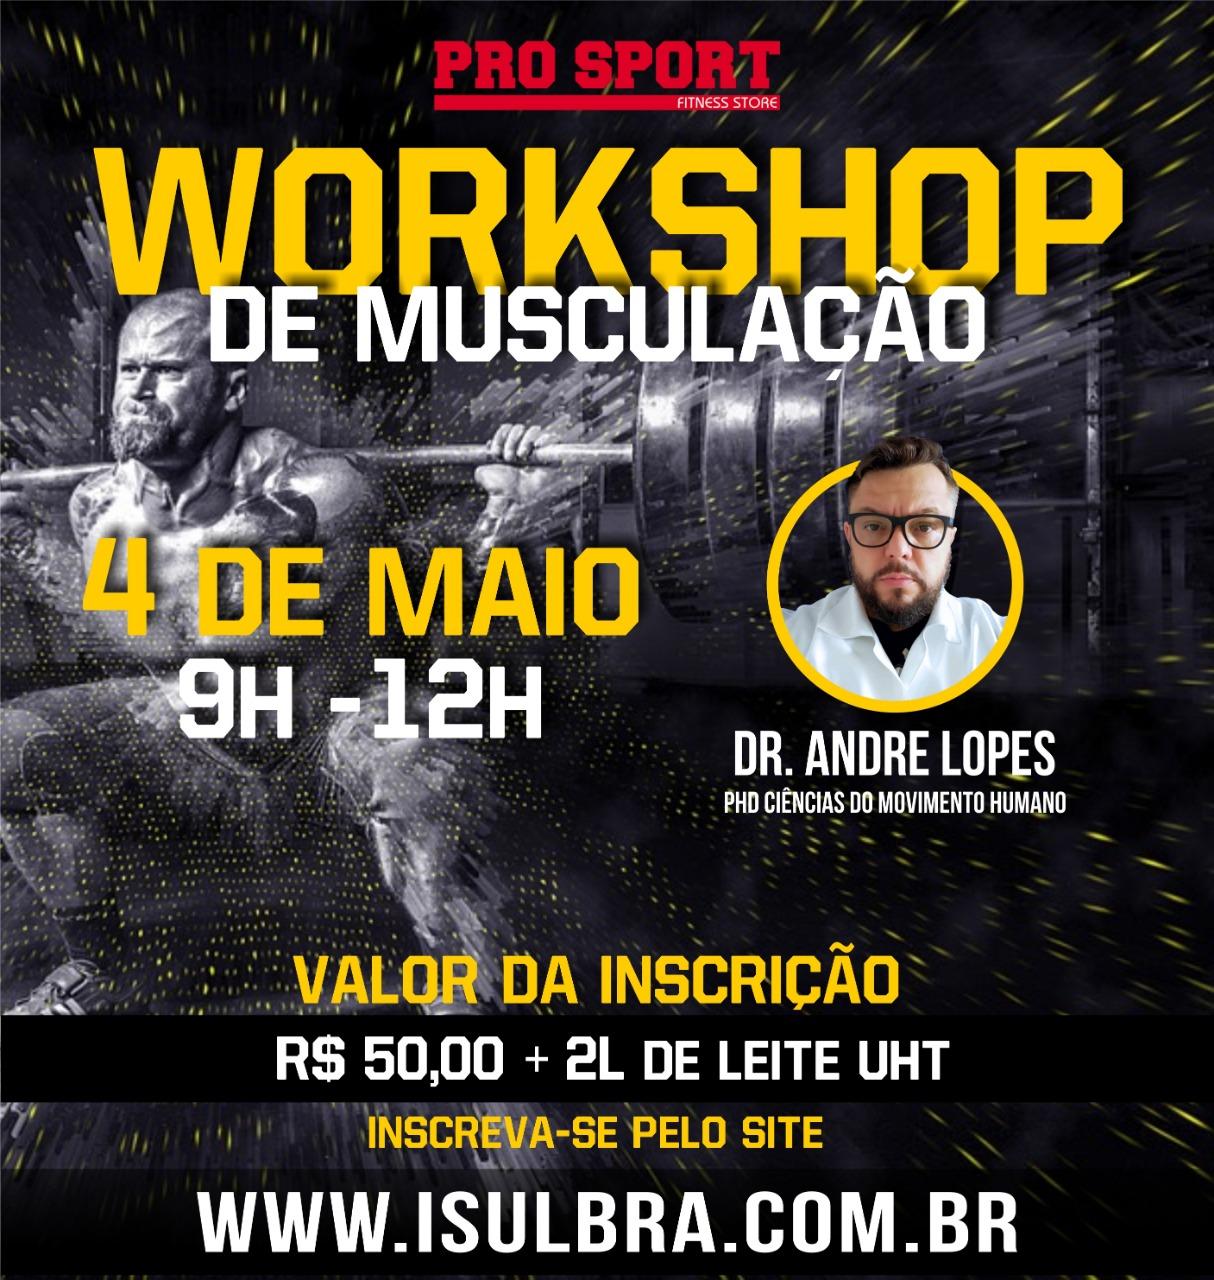 Curso para WorkShop de Musculação - Como usar o volume de treinamento